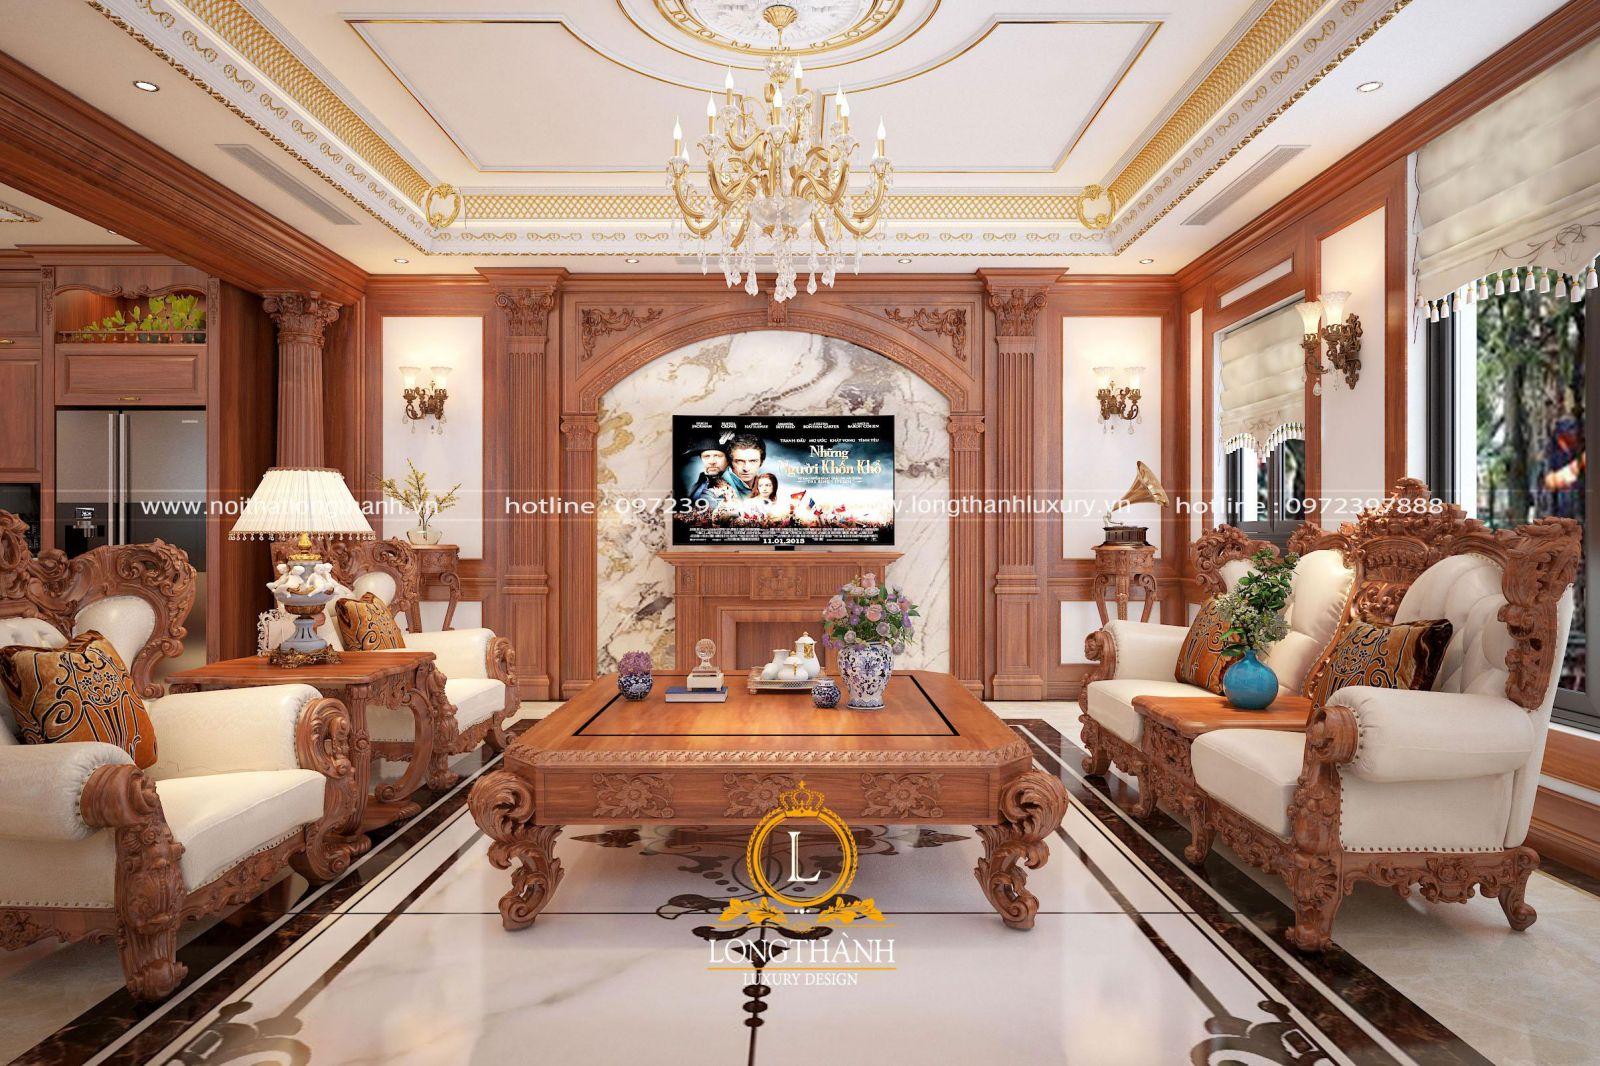 Đồ nội thất được lựa chọn cân đối và phù hợp với không gian phòng khách